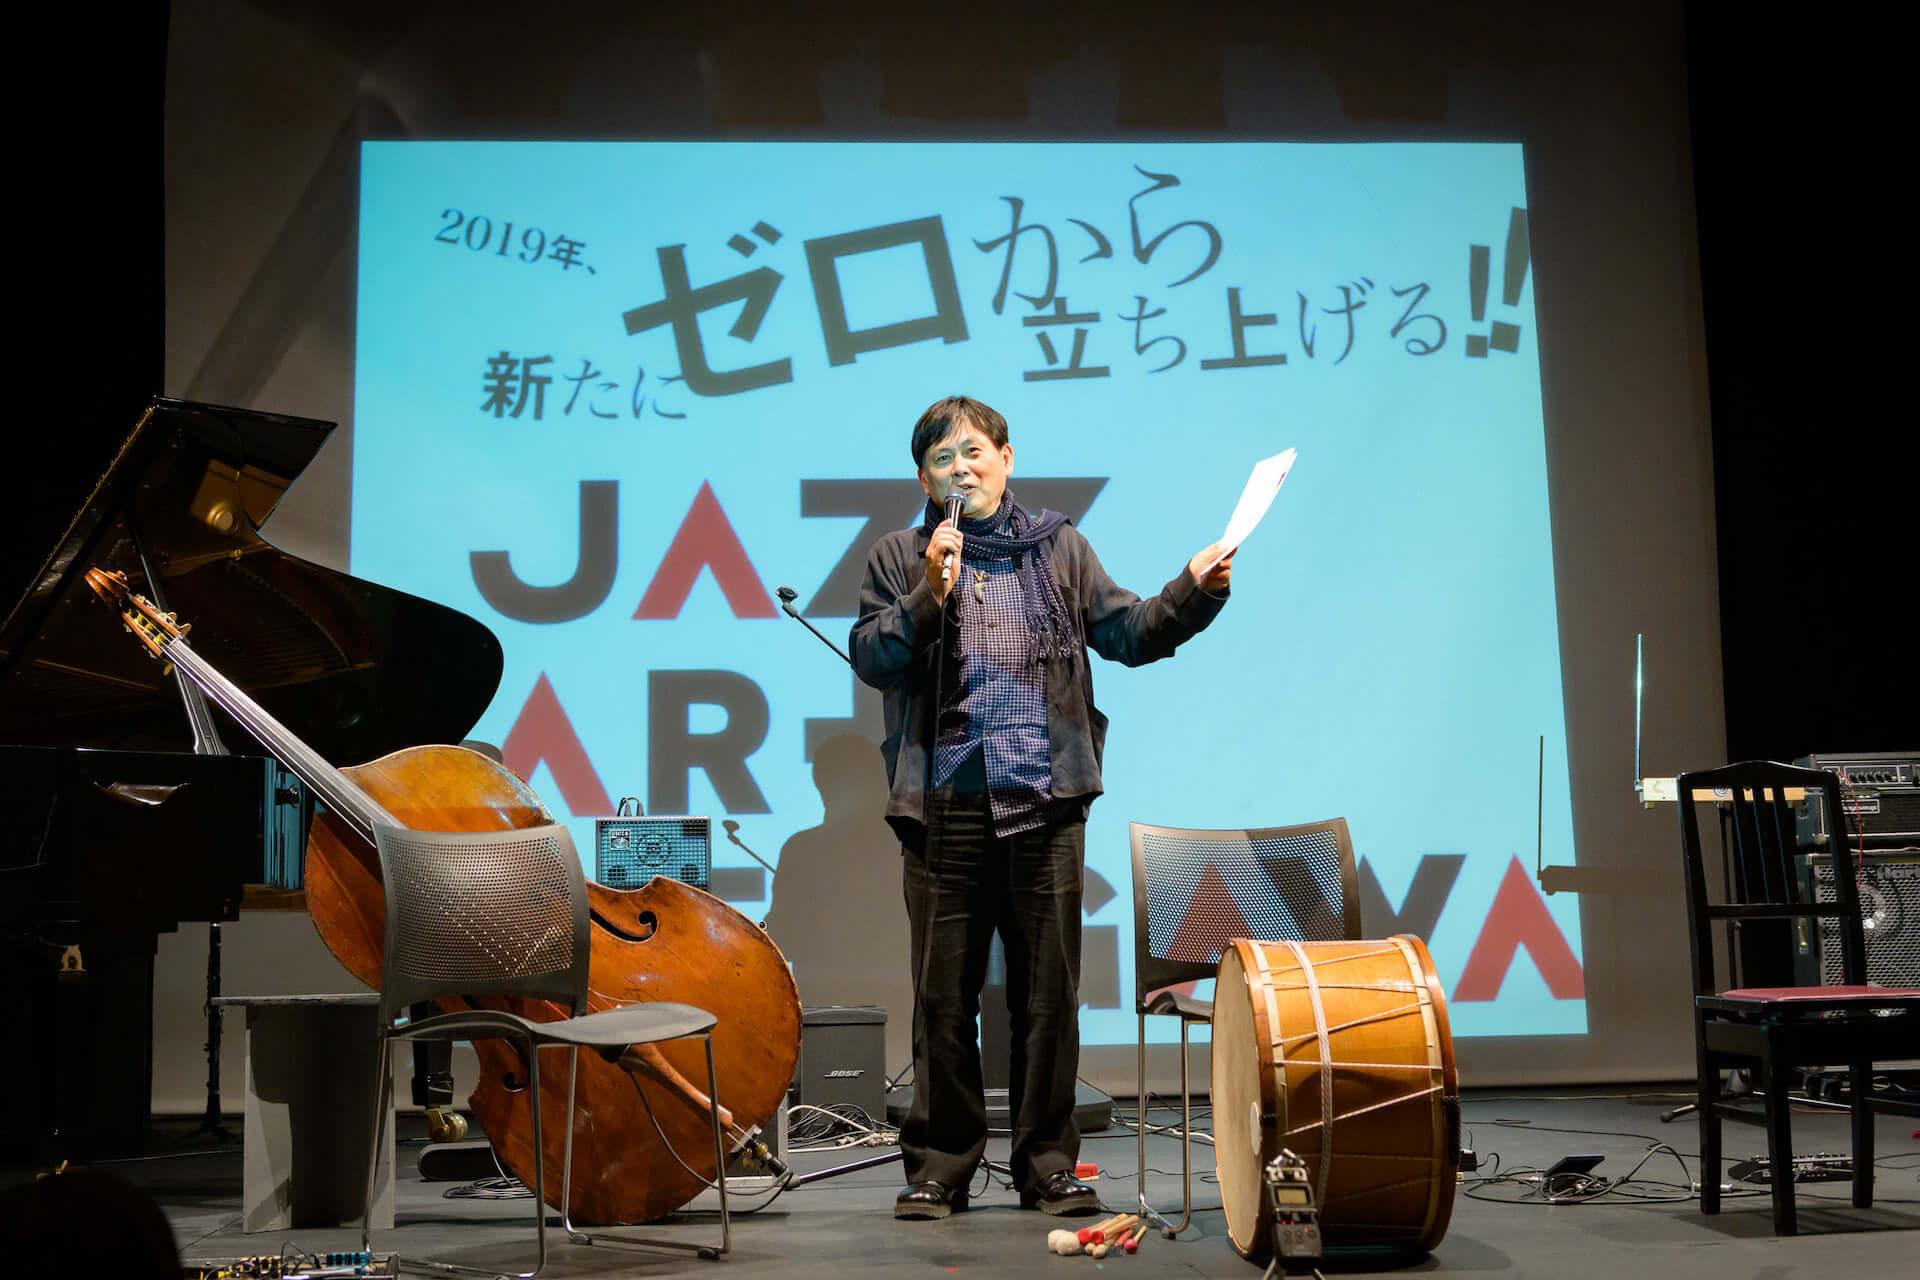 巻上公一らが出演する、即興音楽とアートのフェスティバル<JAZZ ART せんがわ 2019>開催決定!クラウドファンディング実施中 music190814jazzart_3-1920x1280